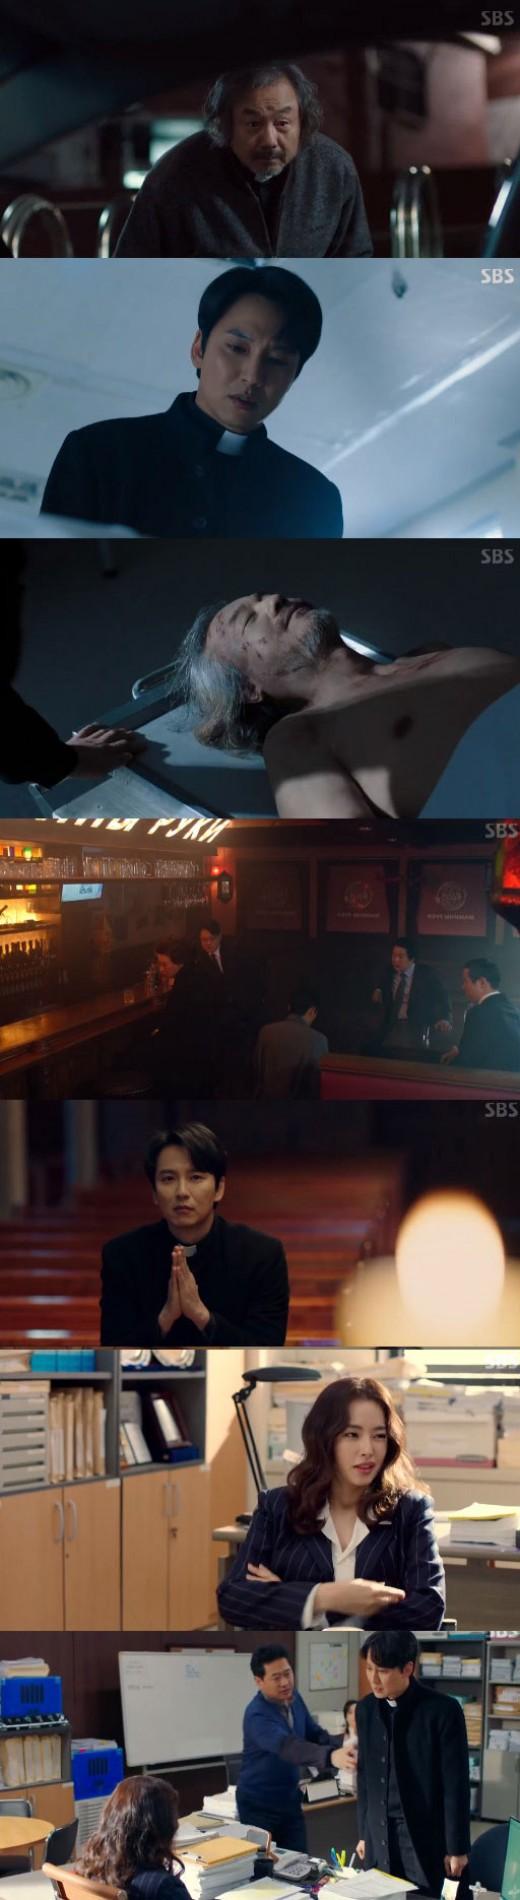 '열혈사제' 김남길 흑화? 자살위장 정동환 억울한 죽음에 충격+분노